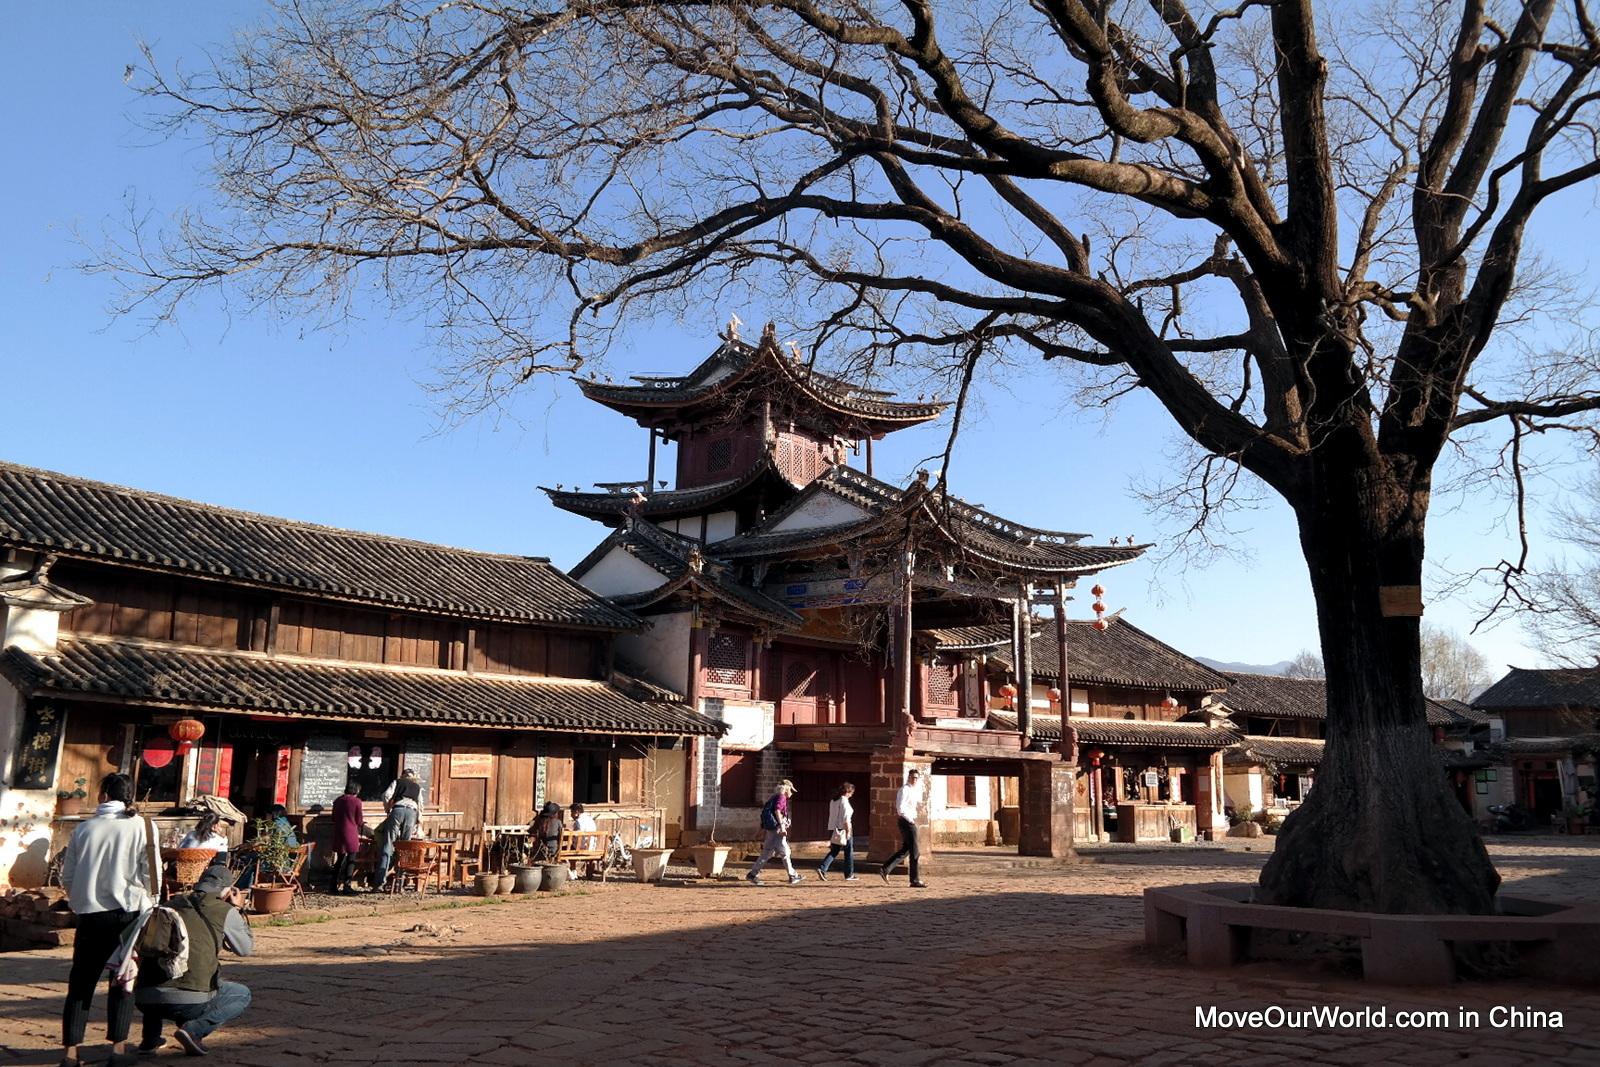 Shaxi Main square